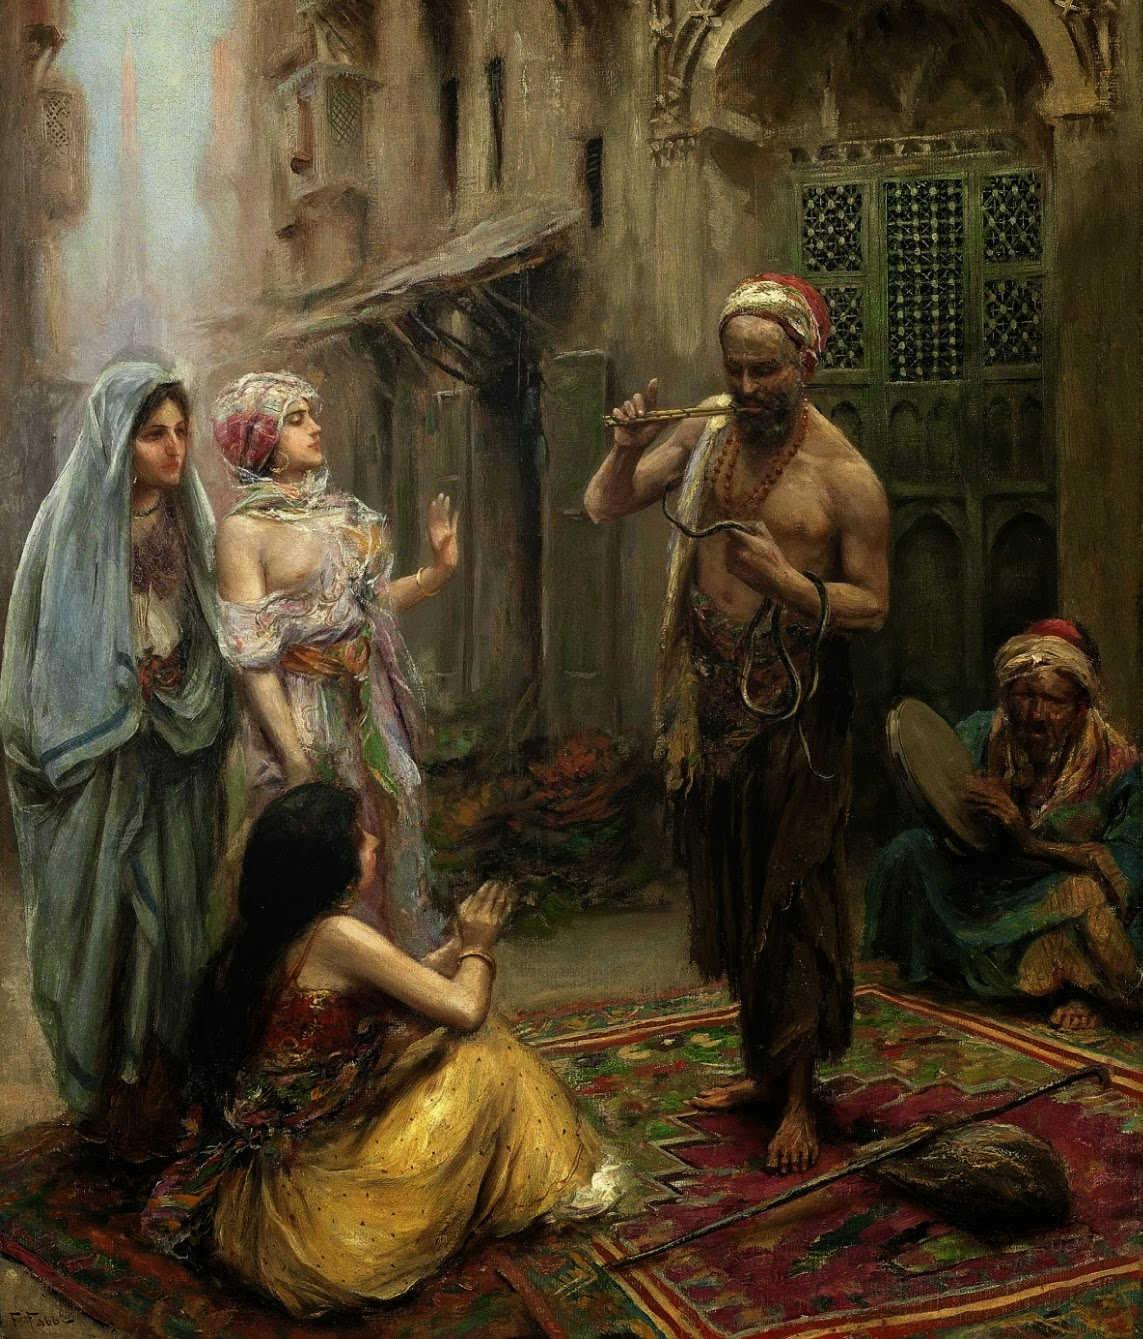 لوحات نادرة مصر بعيون Fabio Fabbi - مجموعة ثانية